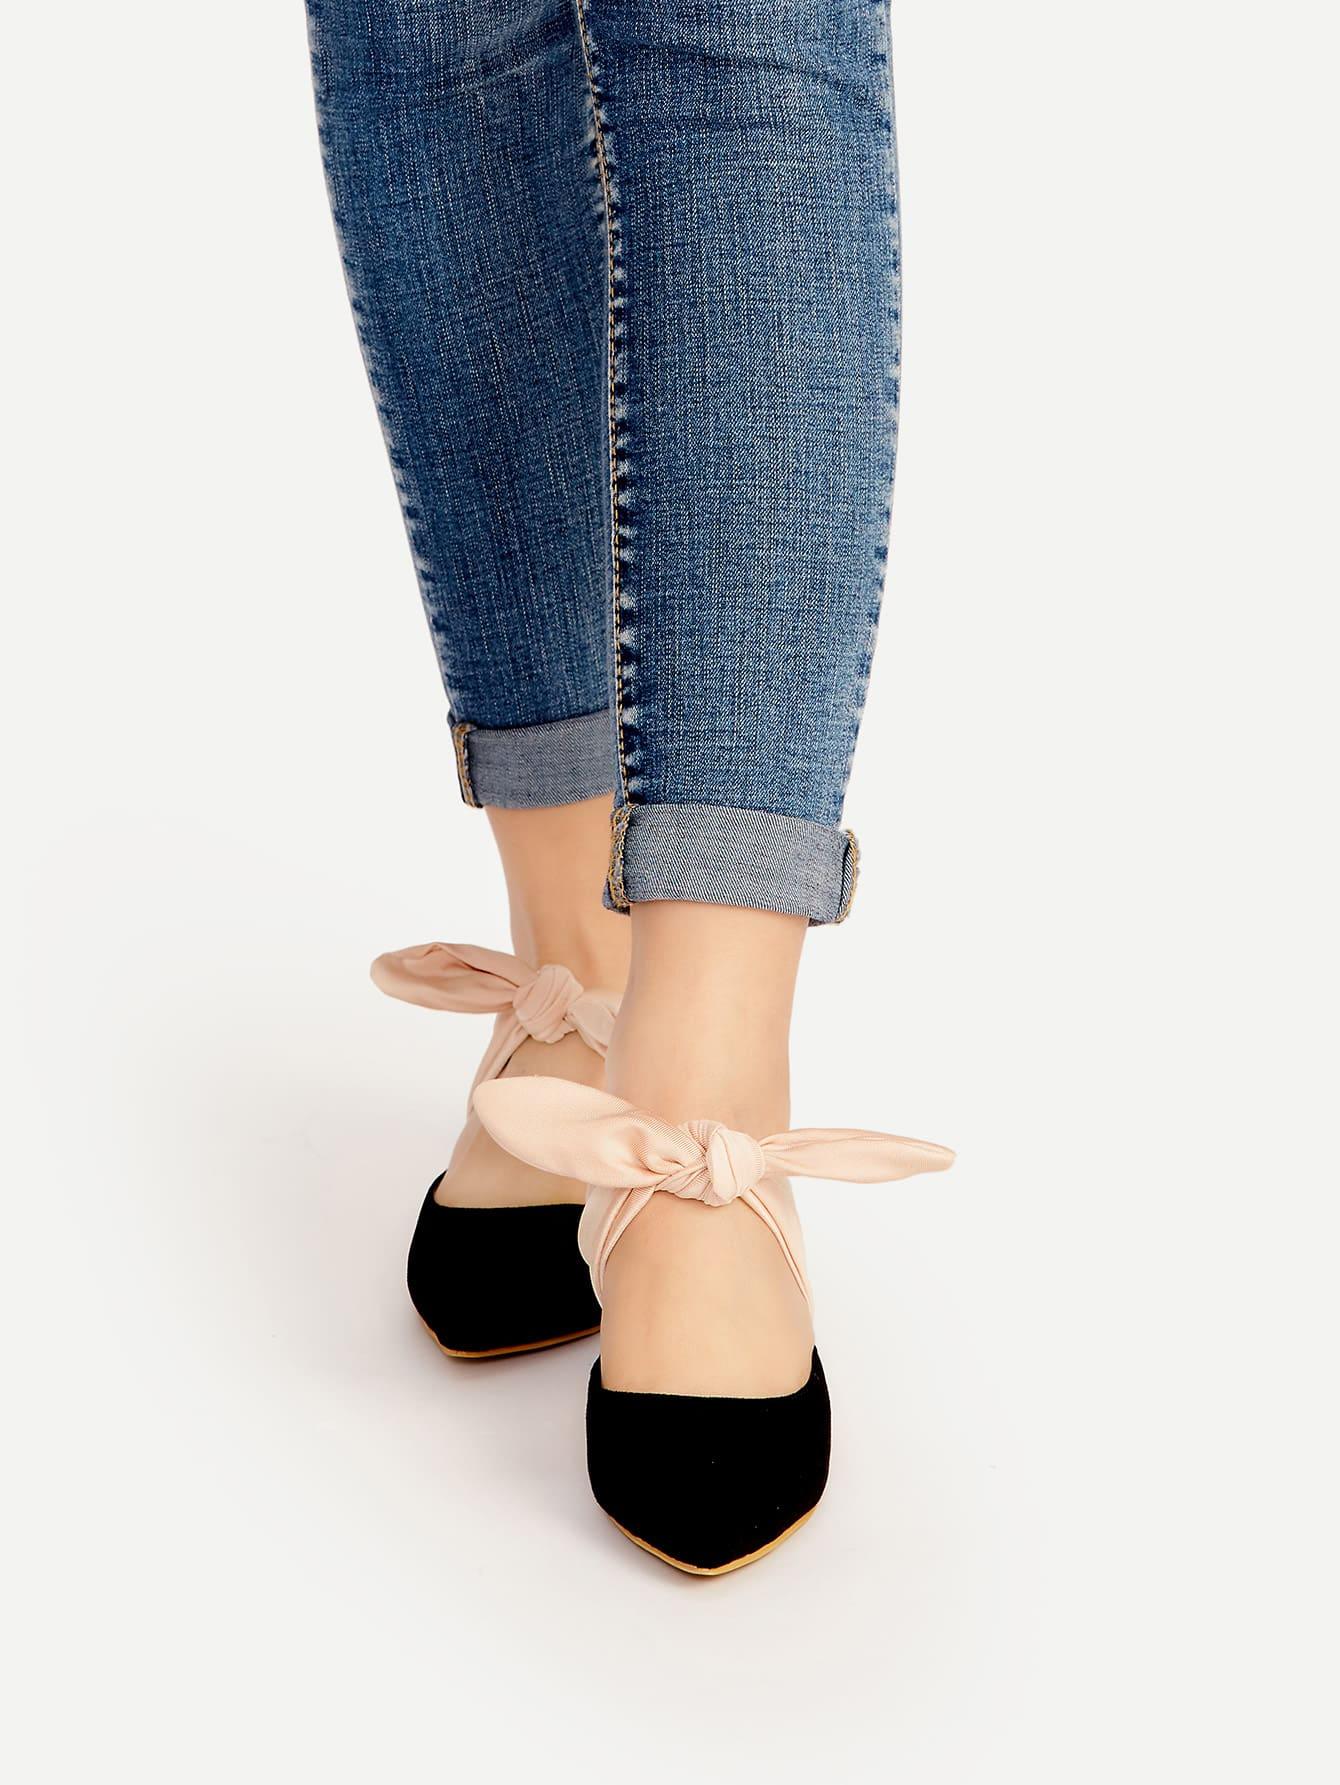 shoes170324807_2